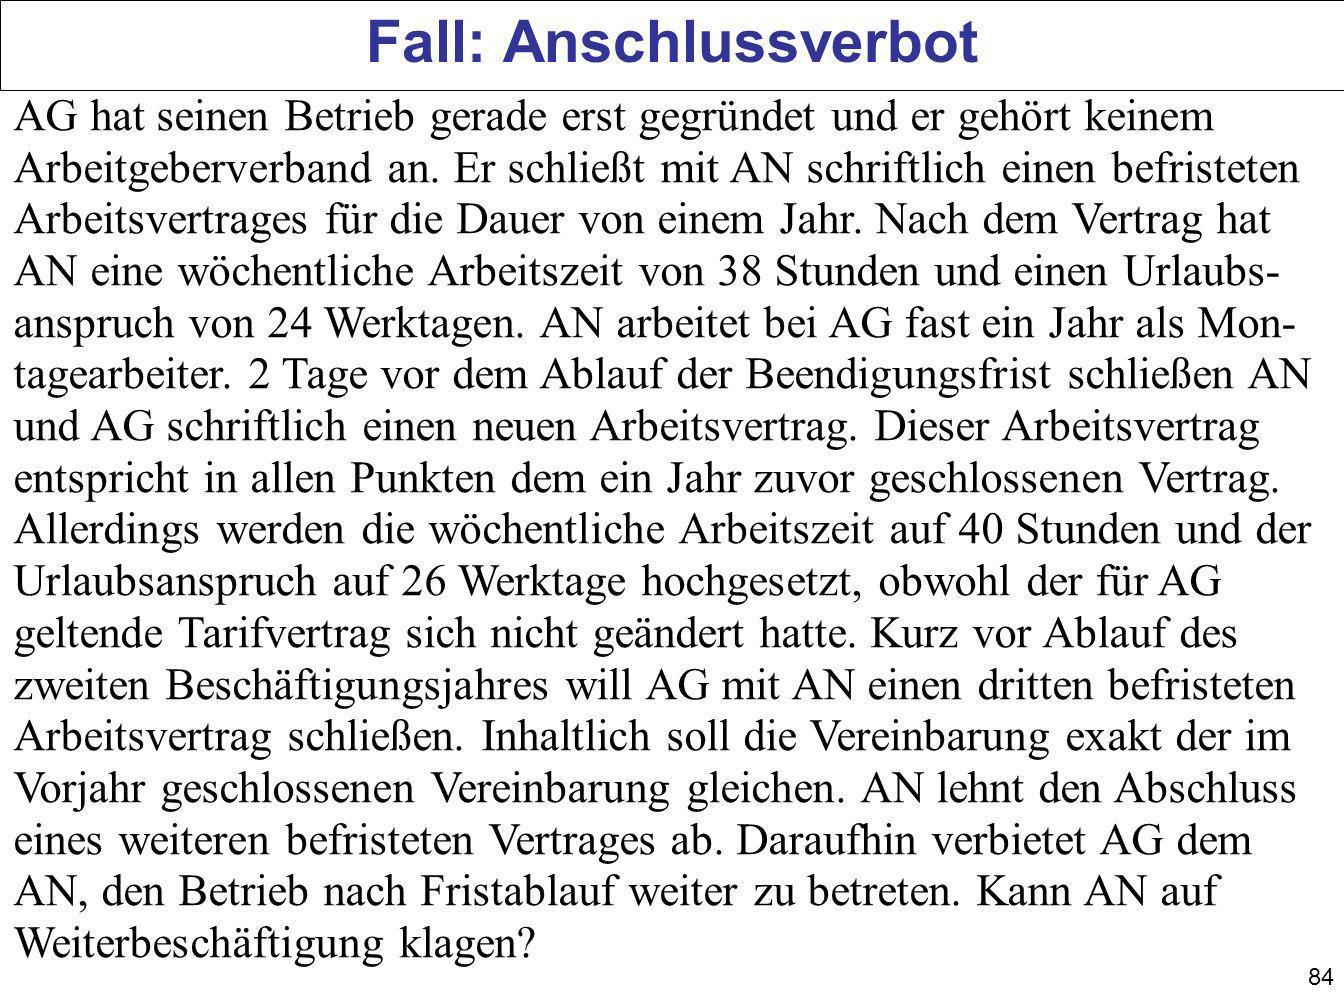 Fall: Anschlussverbot